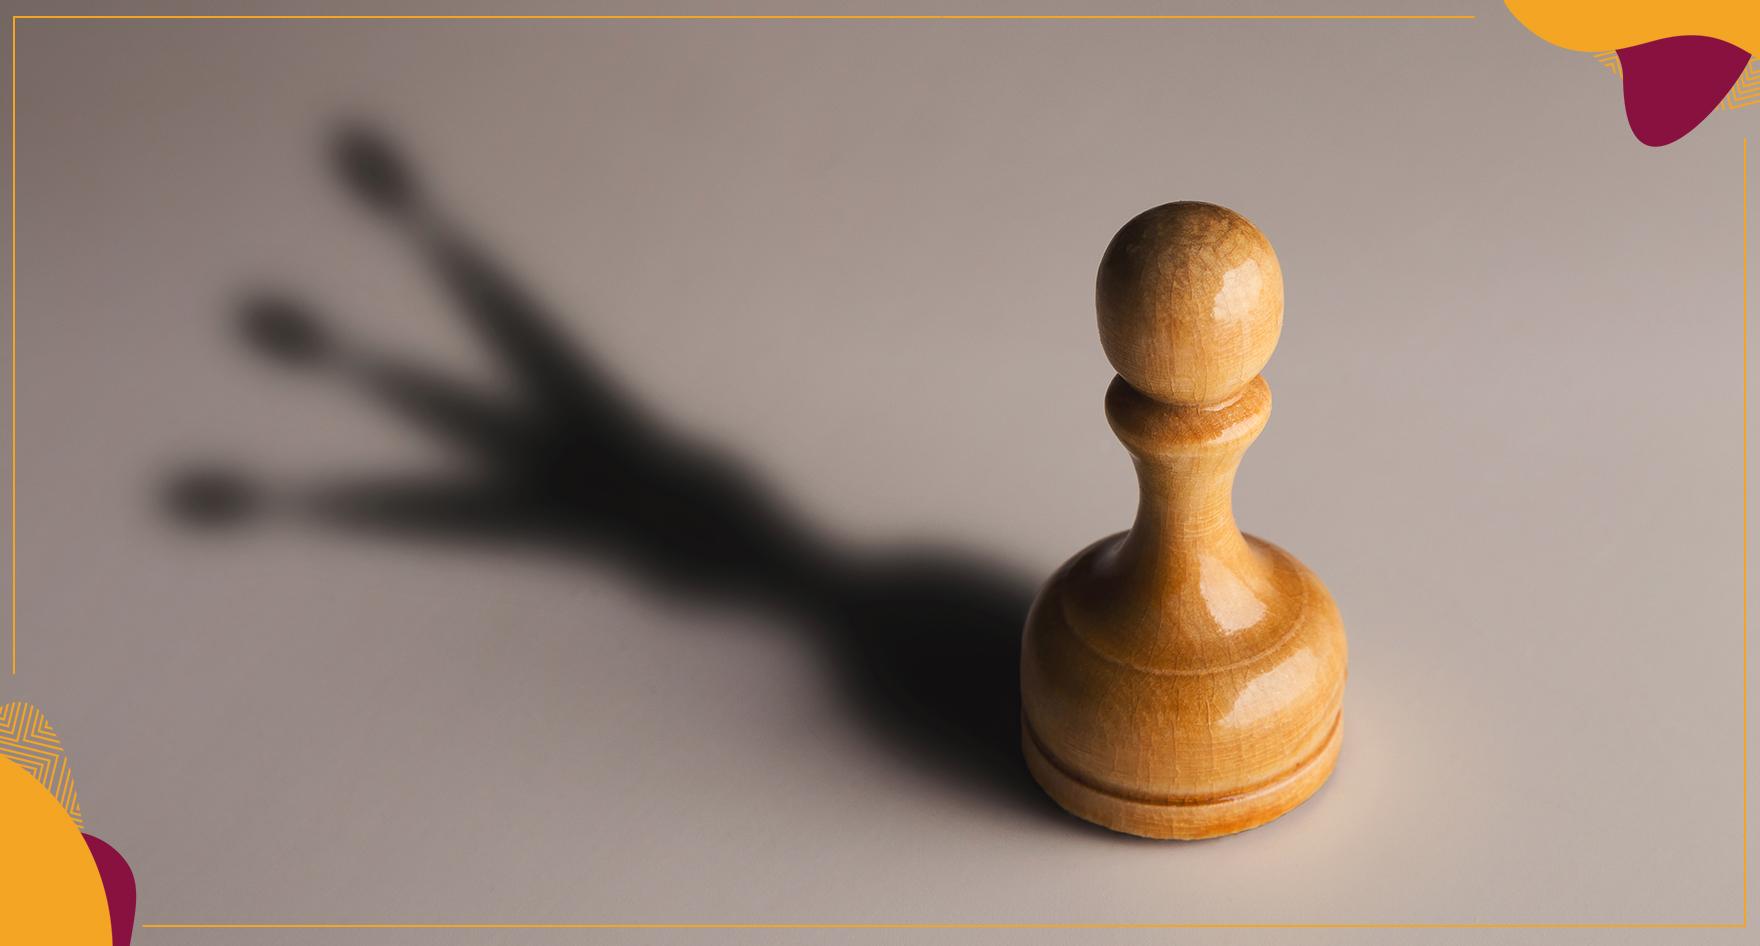 Mentalidade de abundância transforma a liderança